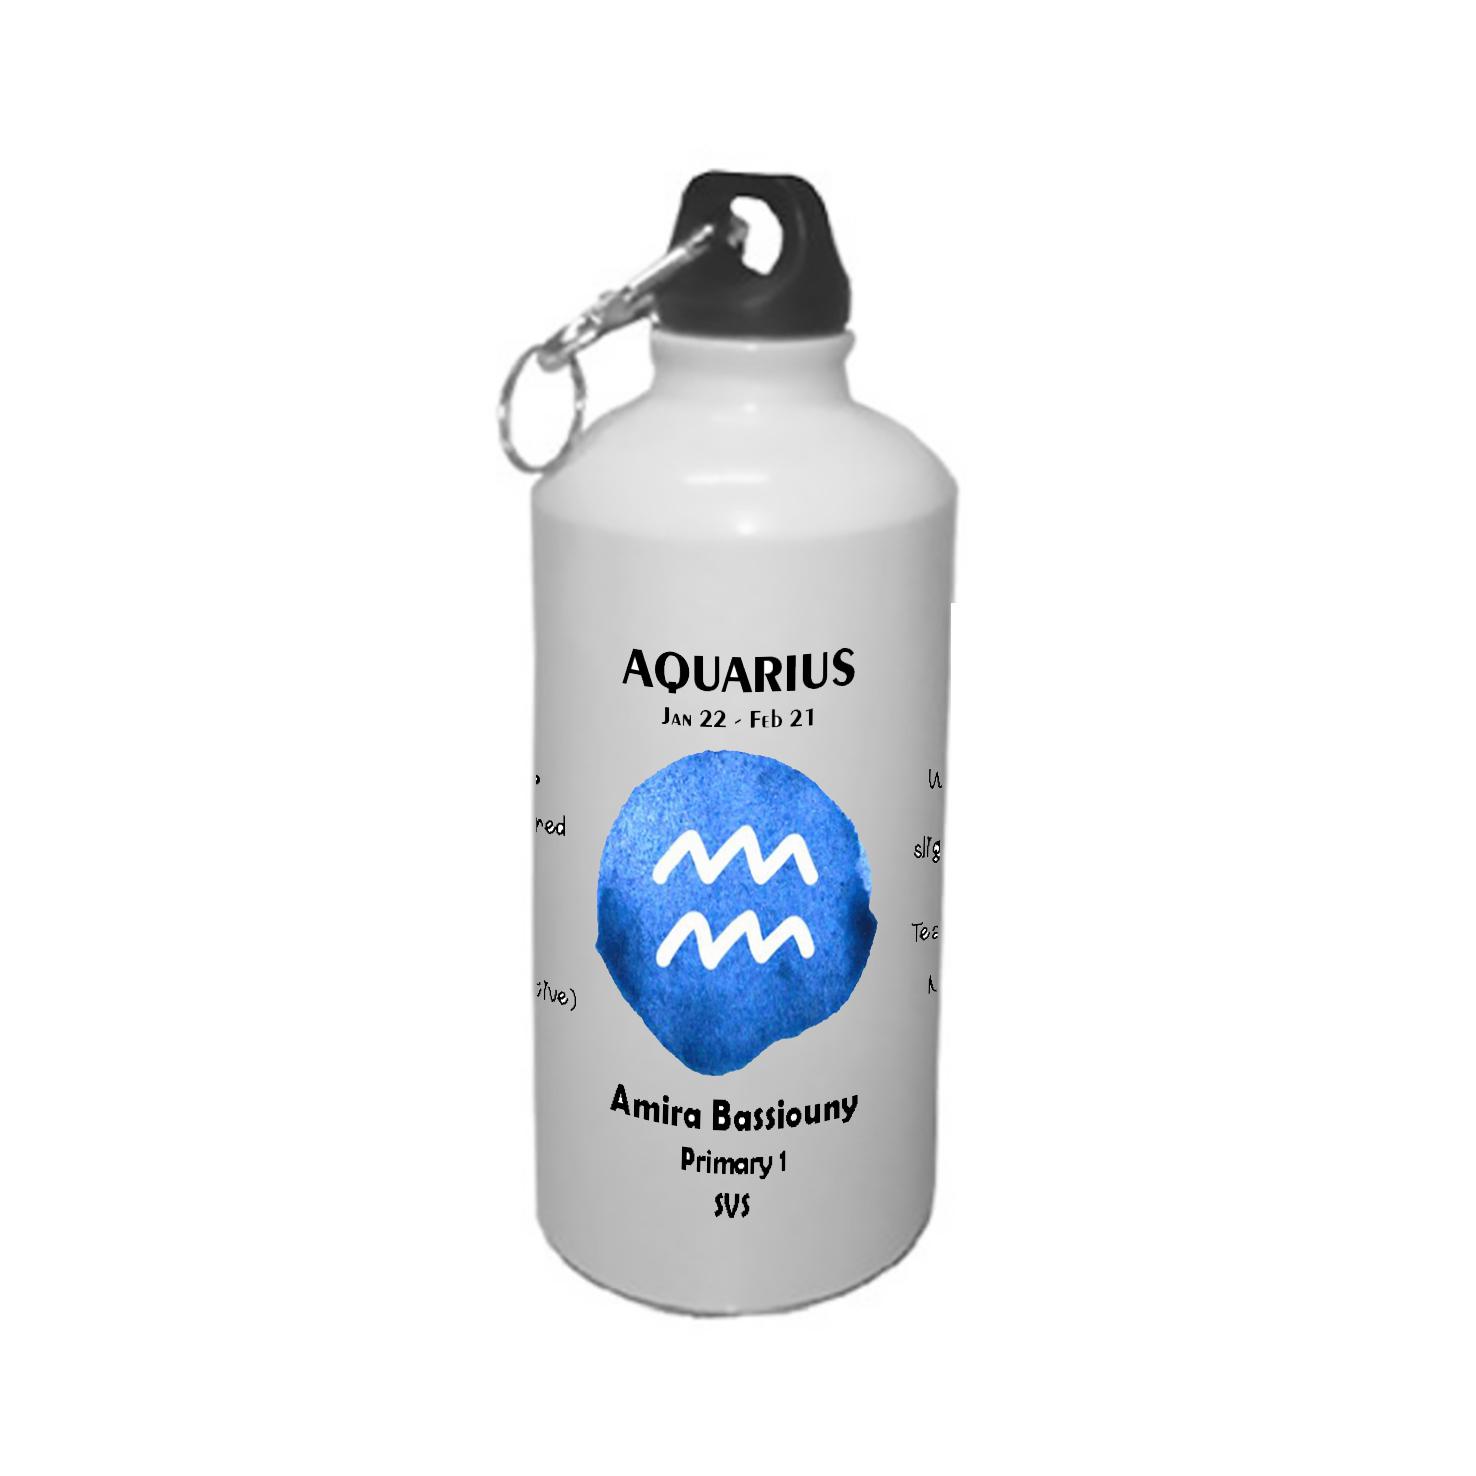 aquarius bottle